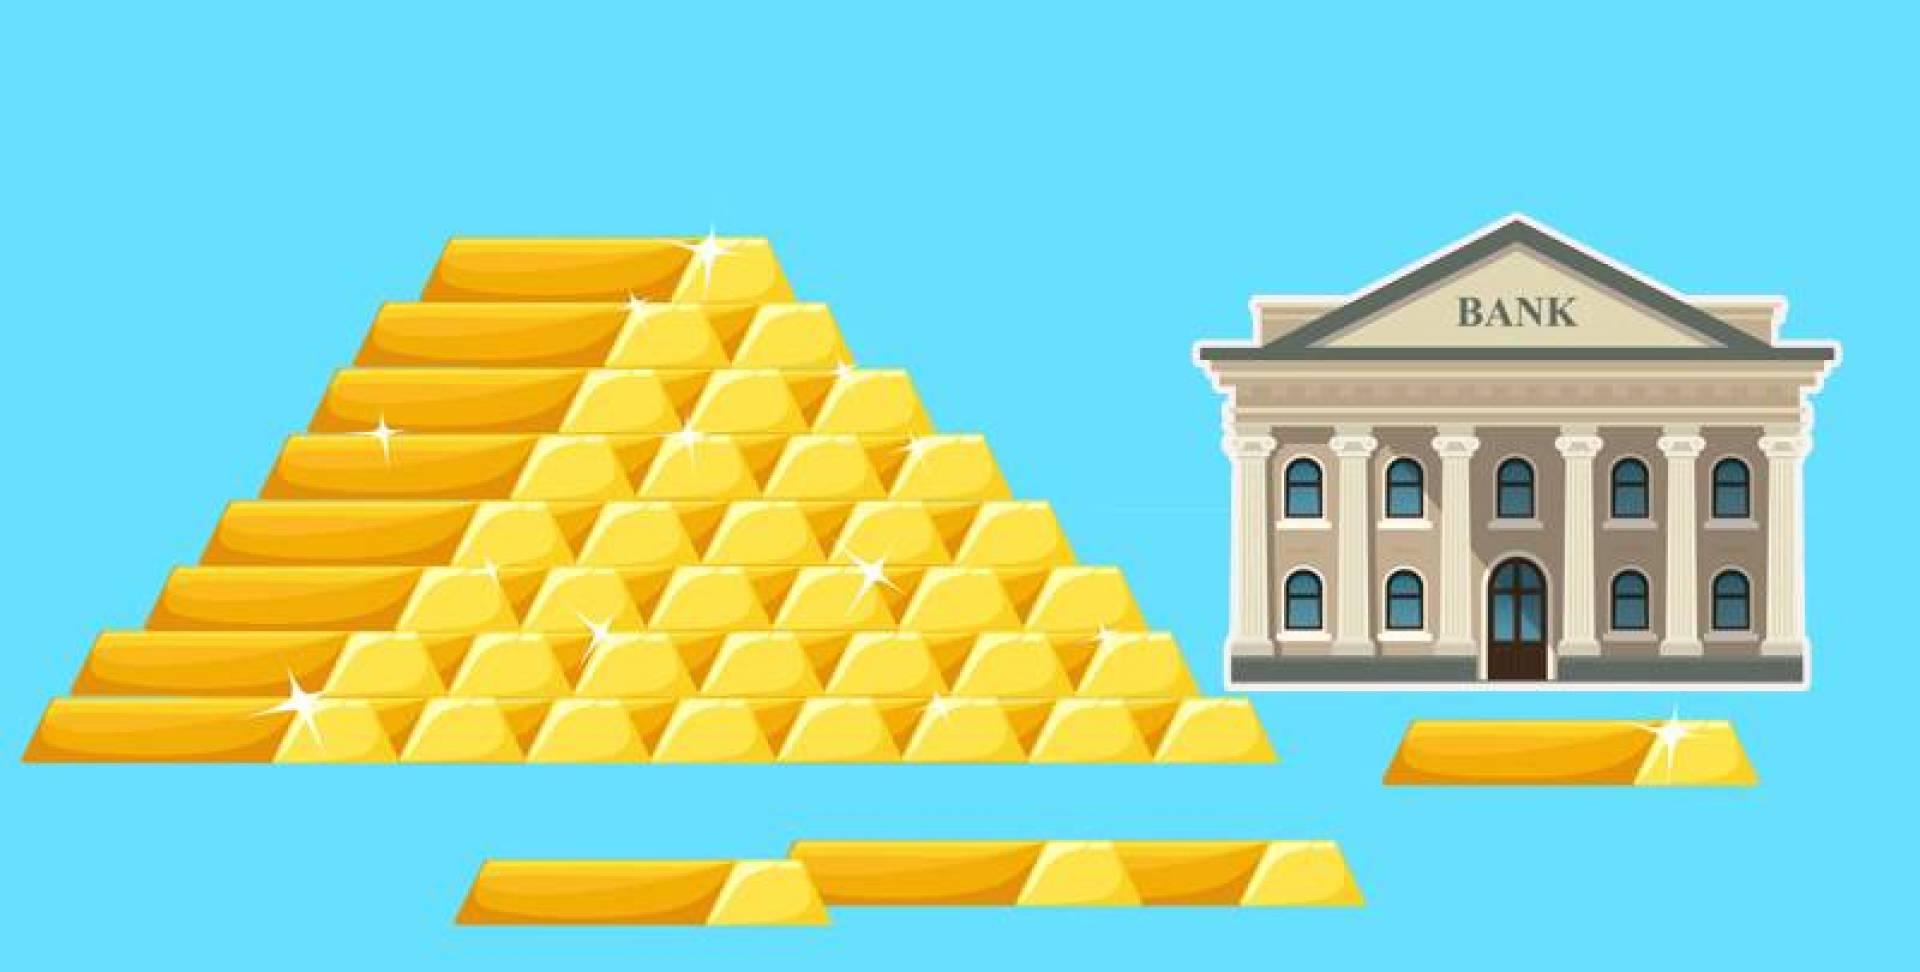 البنوك المركزية العالمية اشترت أكثر من 156 طناً من الذهب.. في 3 أشهر